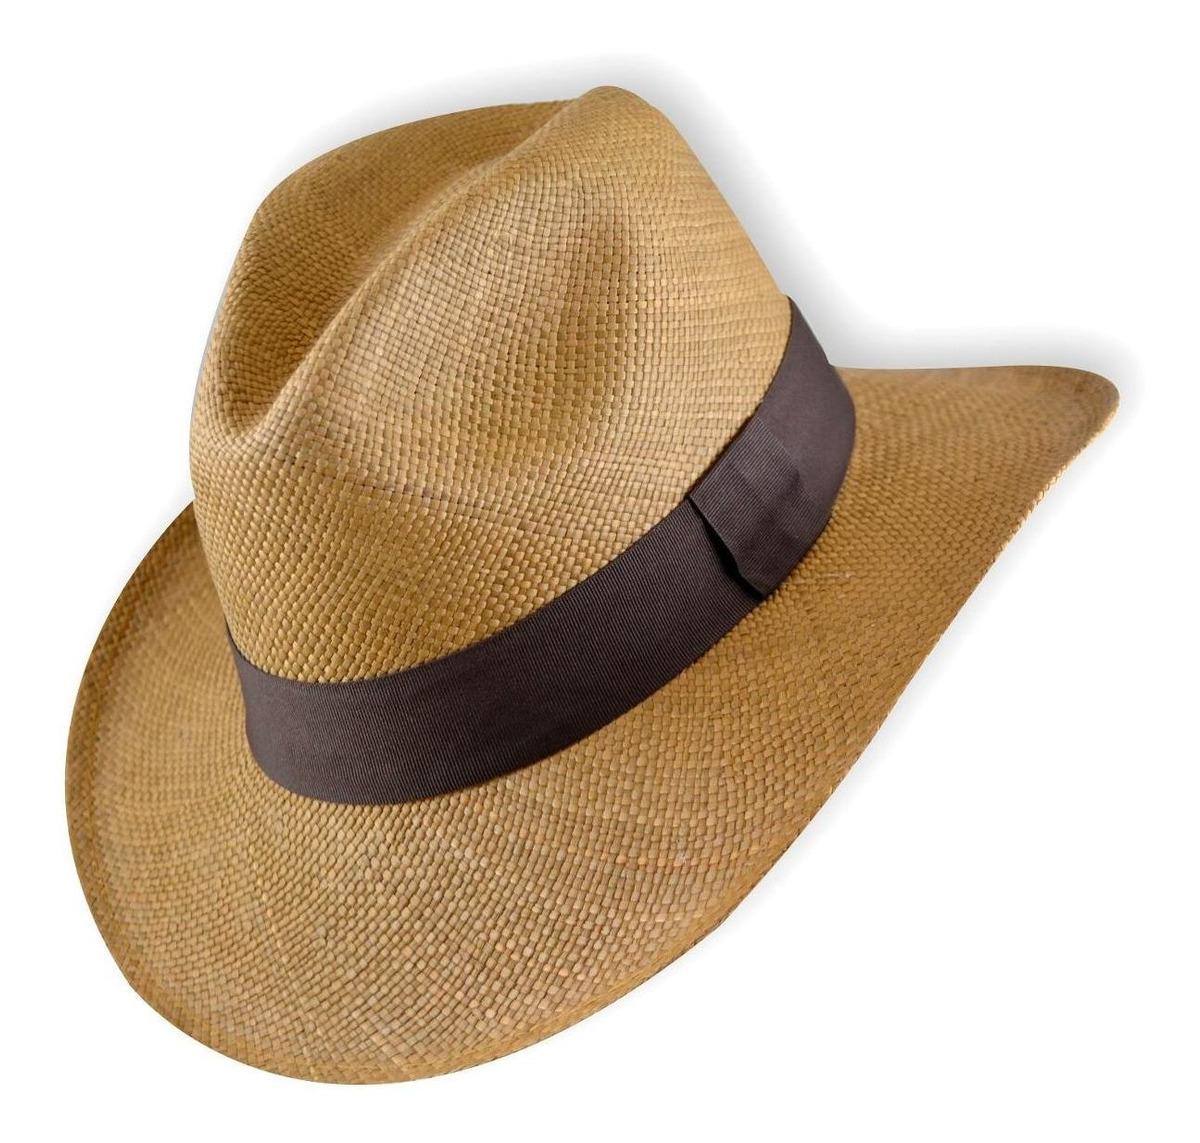 fecha de lanzamiento: online aquí diseño exquisito Sombrero Panama De Jipijapa Unisex Palma Toquilla Ecuador